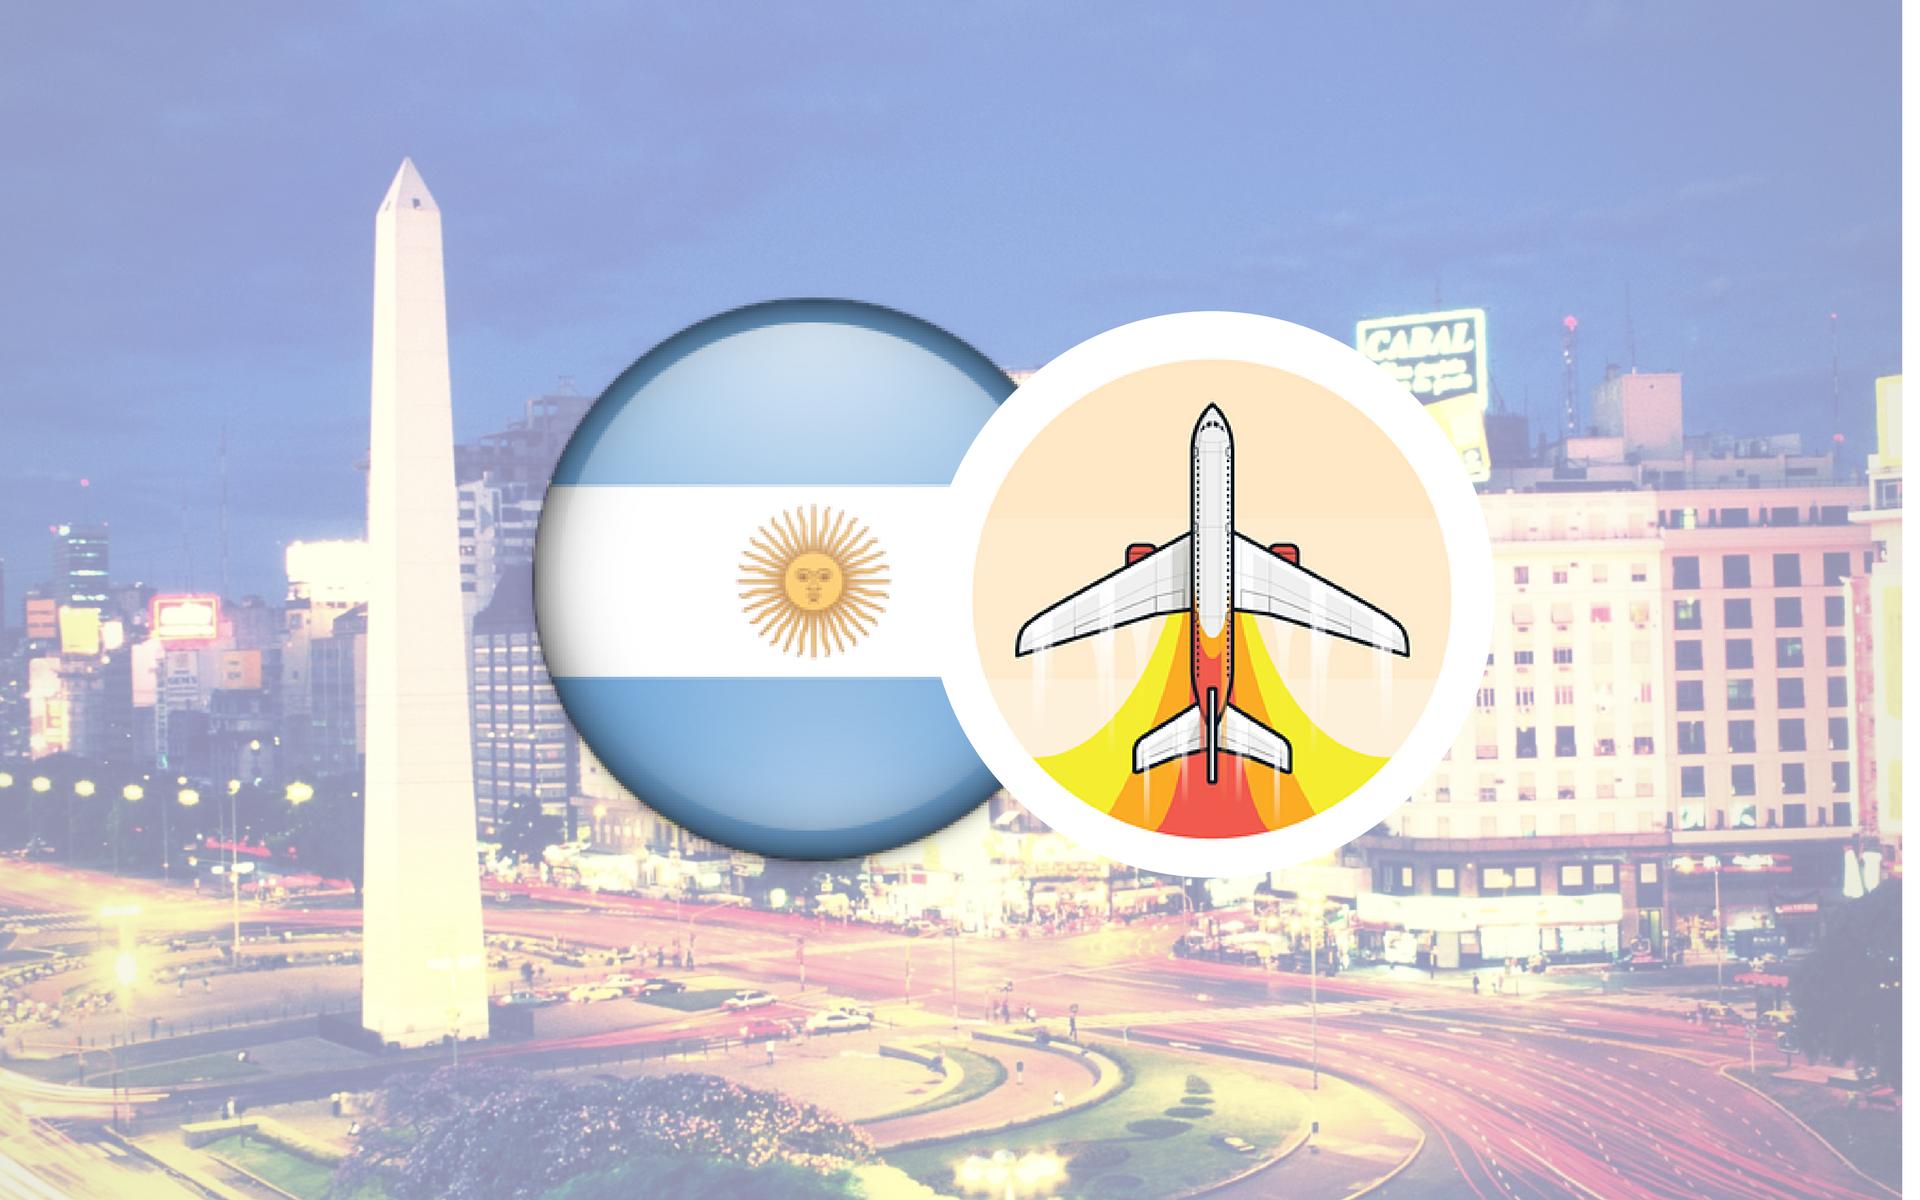 1o-encontro-de-blogueiros-de-viagem-em-buenos-aires 1º Encontro de Blogueiros de Viagem em Buenos Aires (Vamos ?!)